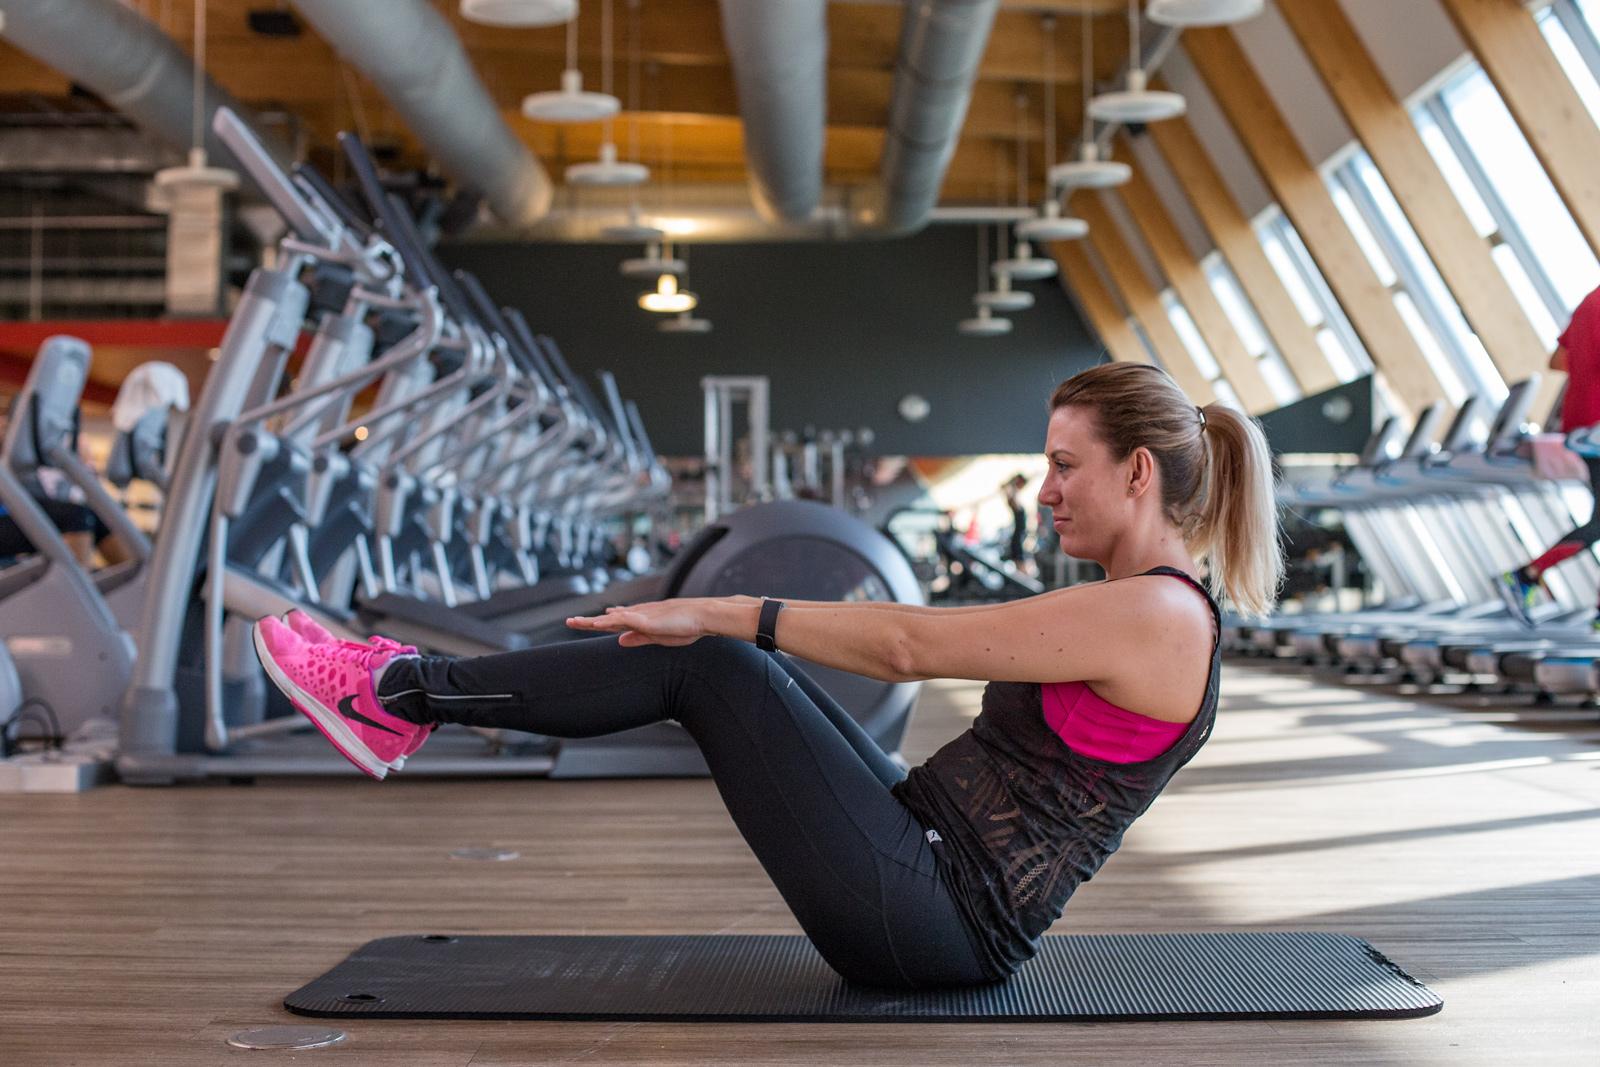 Foto-by-Nadja-Nemetz-Wien-wienerblogger-blogger-lifestyleblogger-lifestyle-fitnessblogger-sport-fitness-personaltrainer-fitnesstrainer-mazen-holmesplace-holmes-place-erfahrung-review-bodyweight-erfahrungsbericht-5